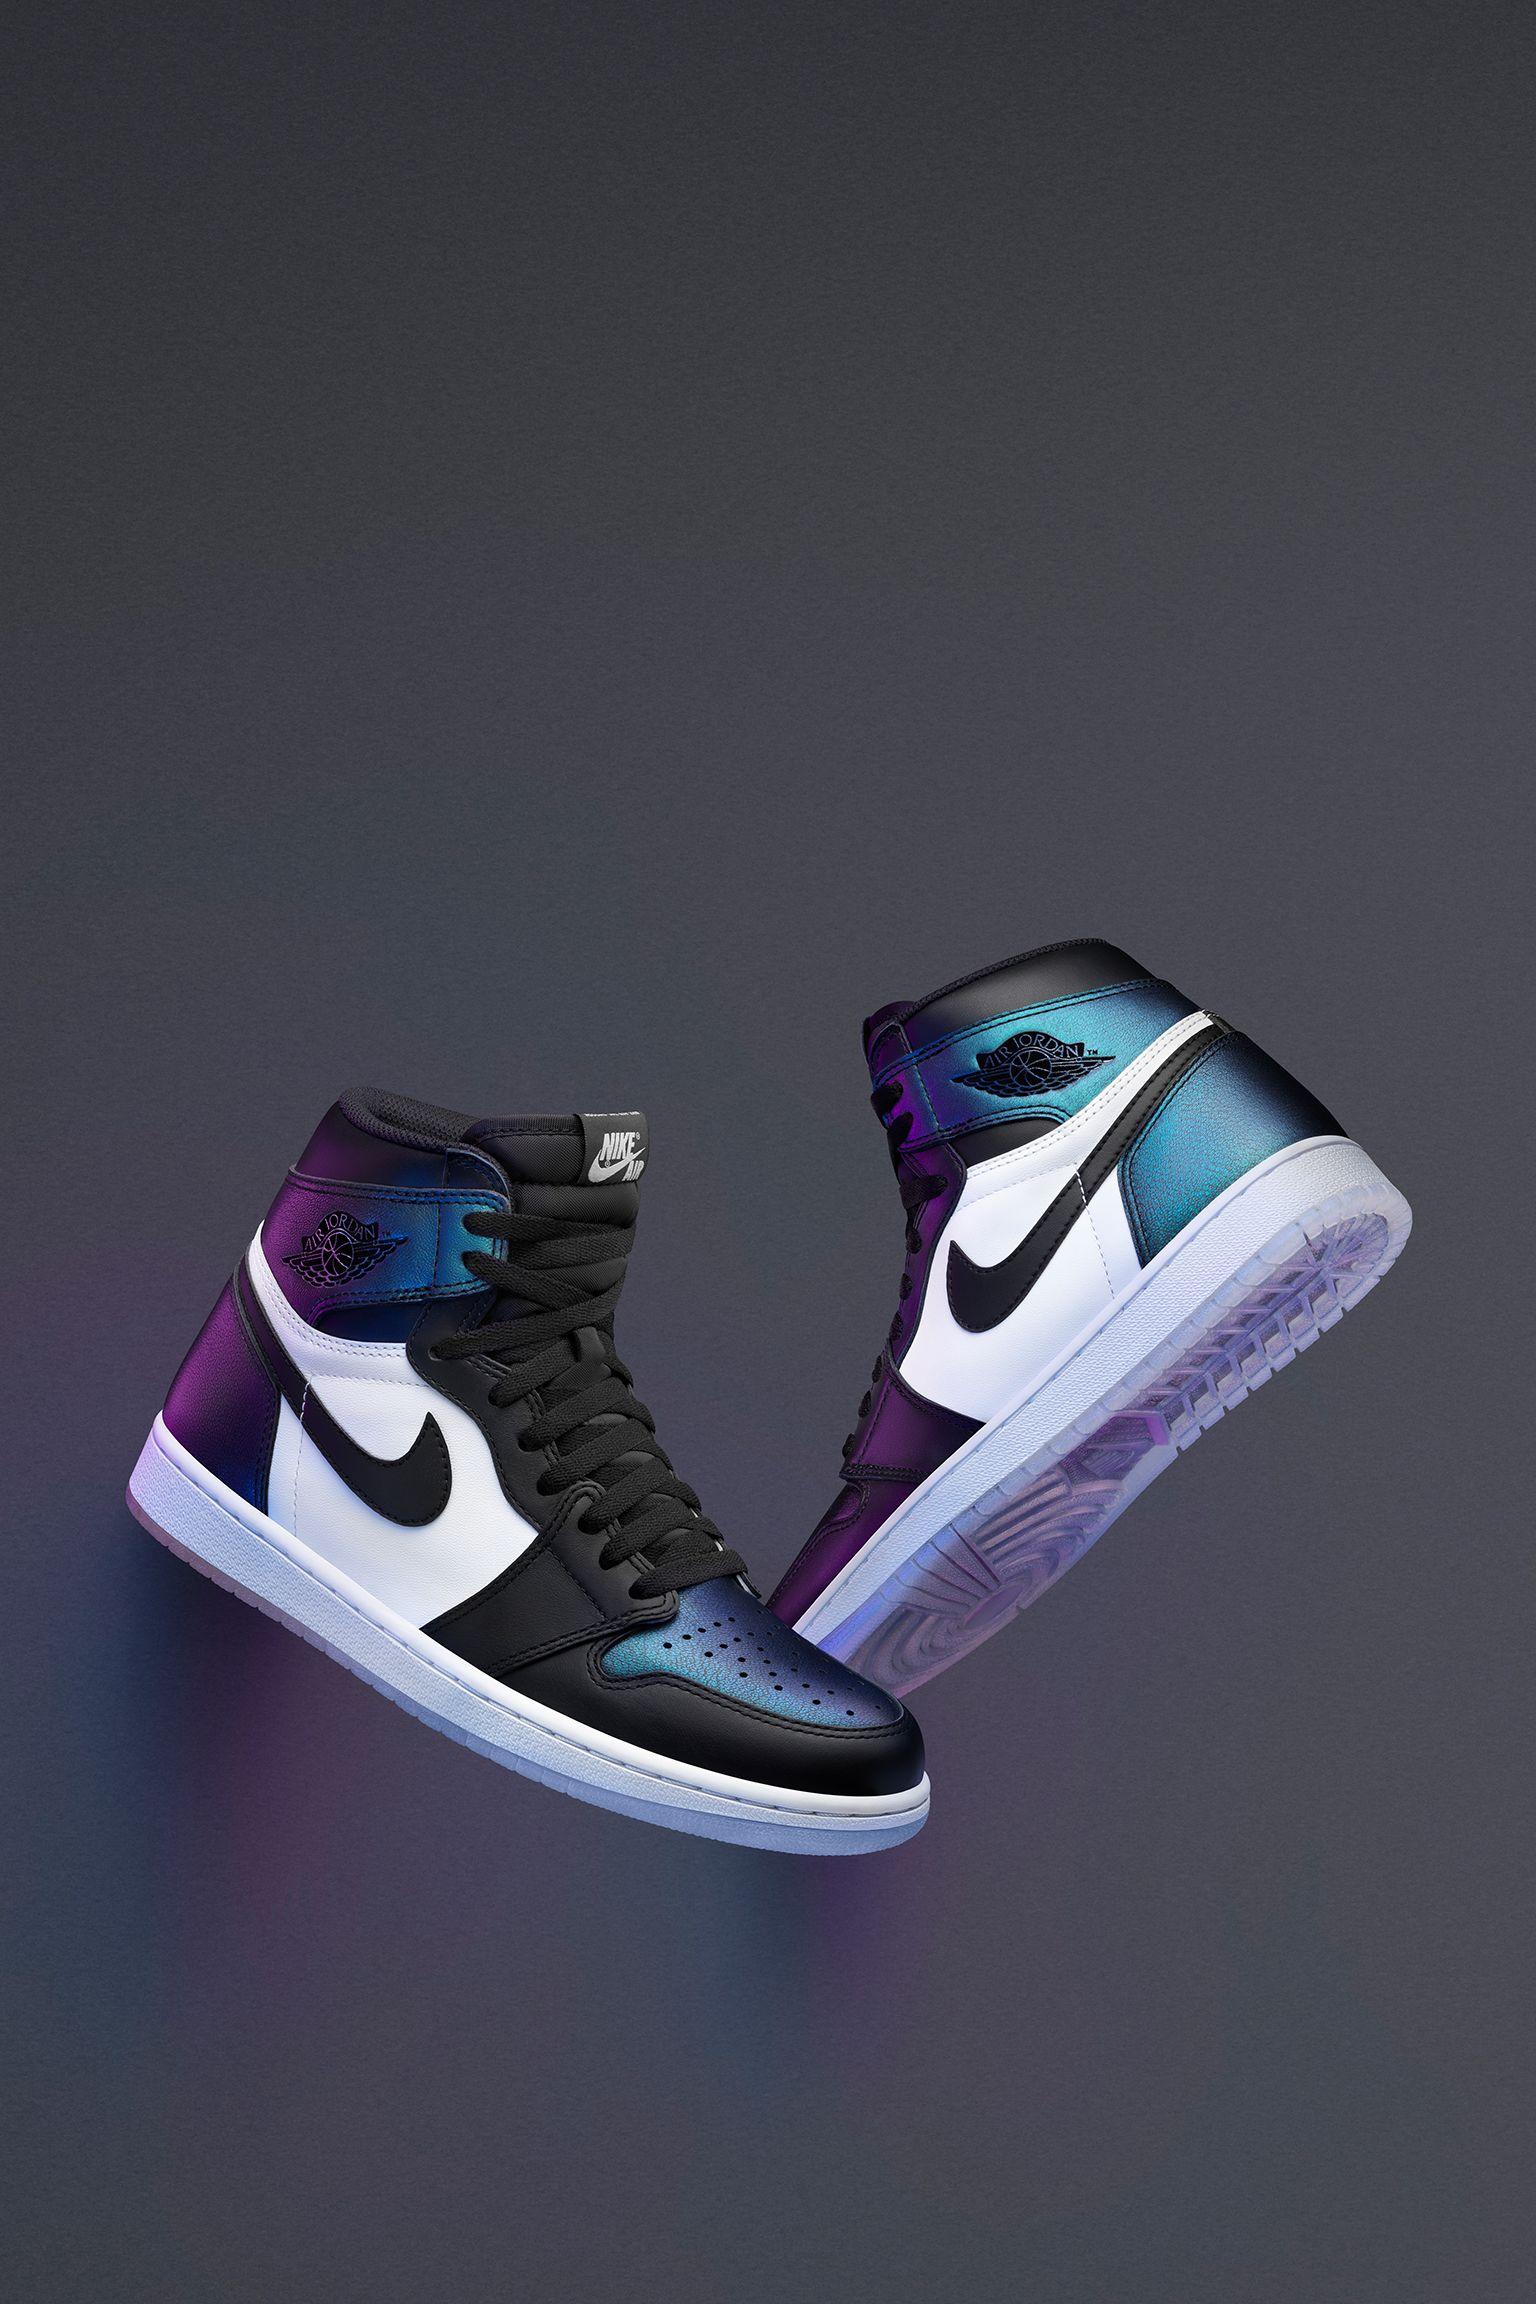 Air Jordan 1 High OG ASG